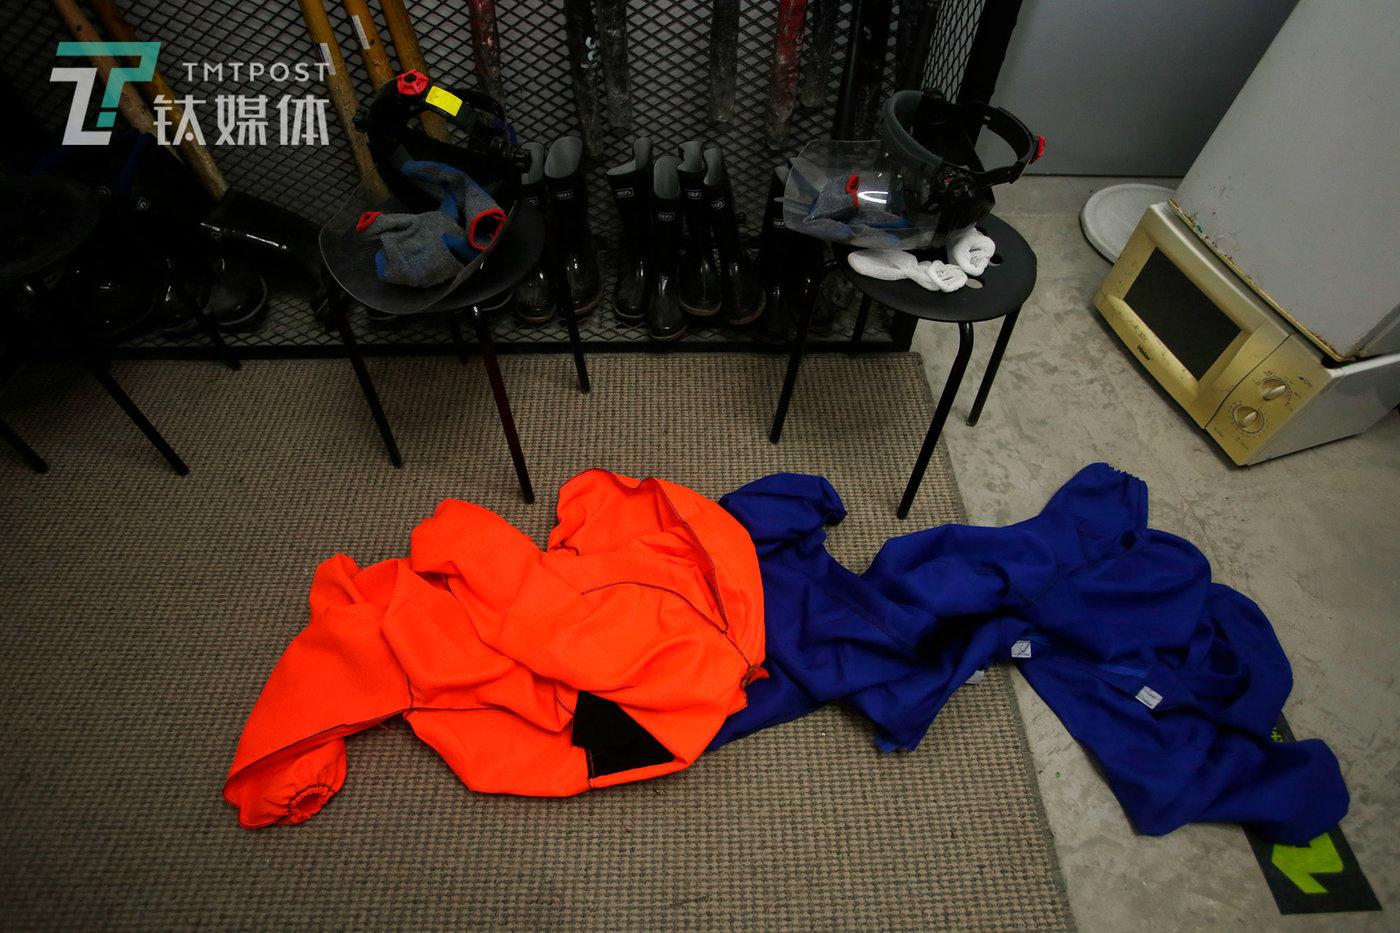 两名顾客砸完后脱下的防护服和防护面罩。